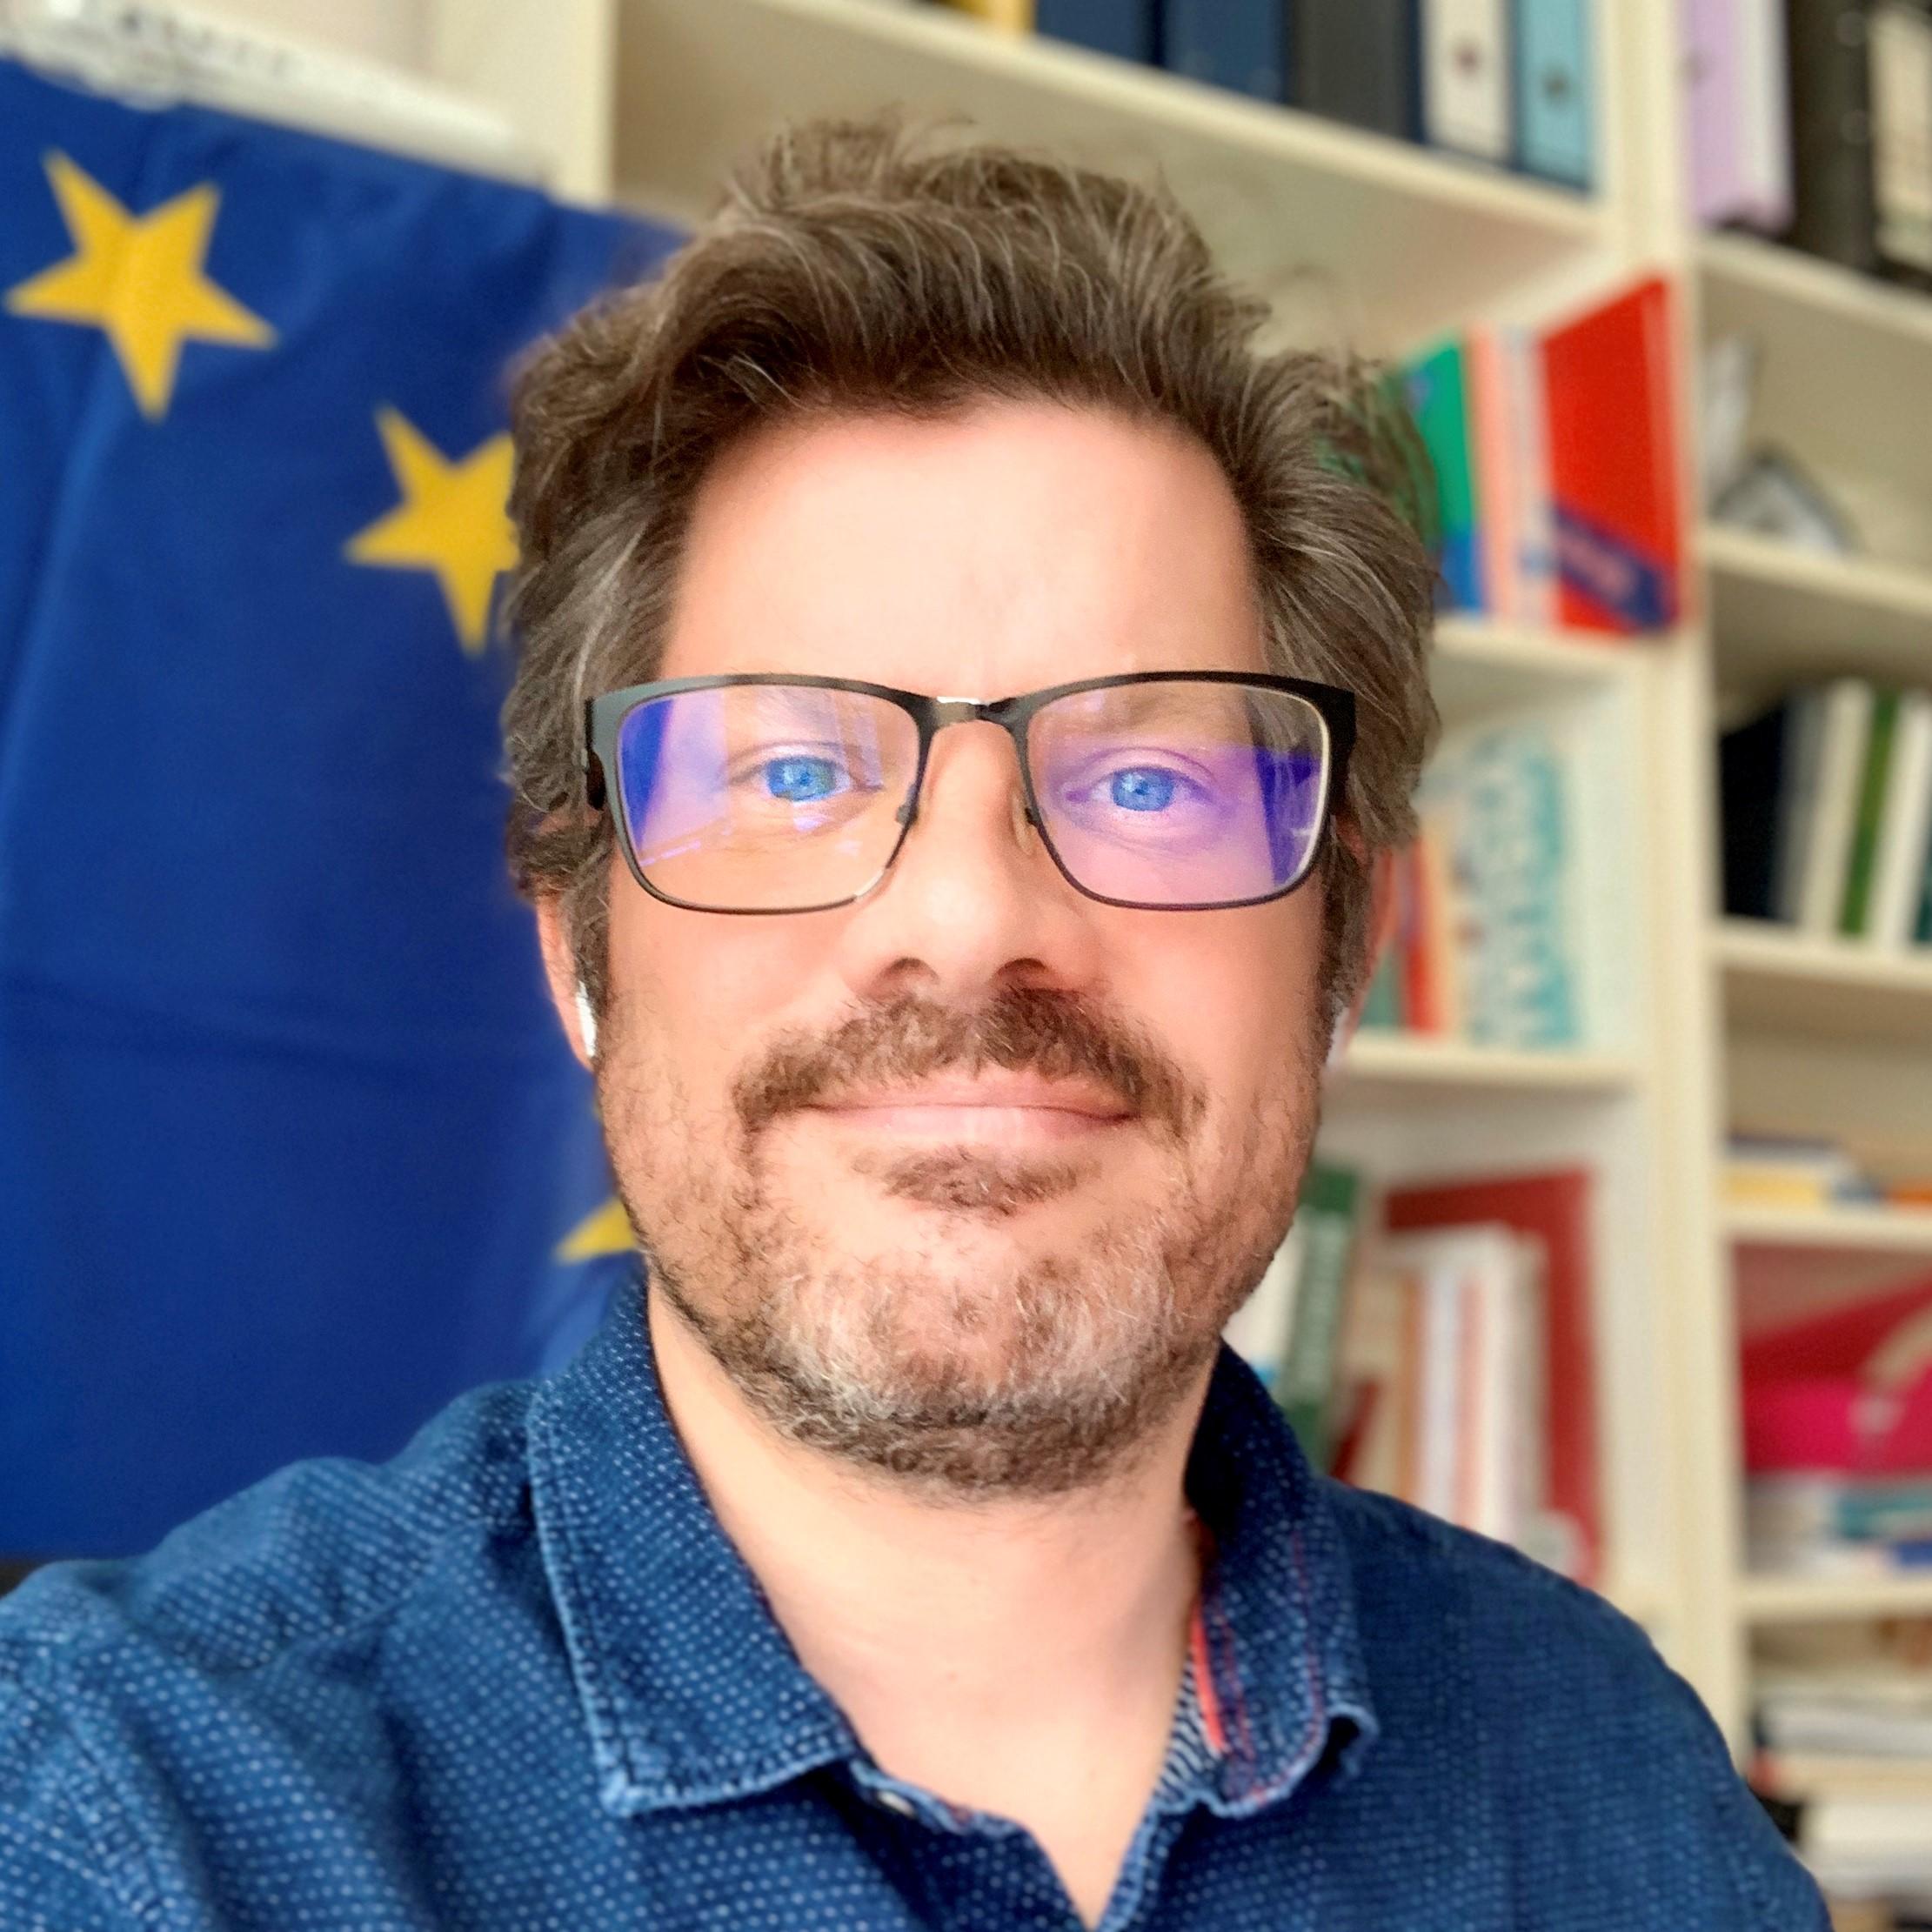 Thomas Zerdick